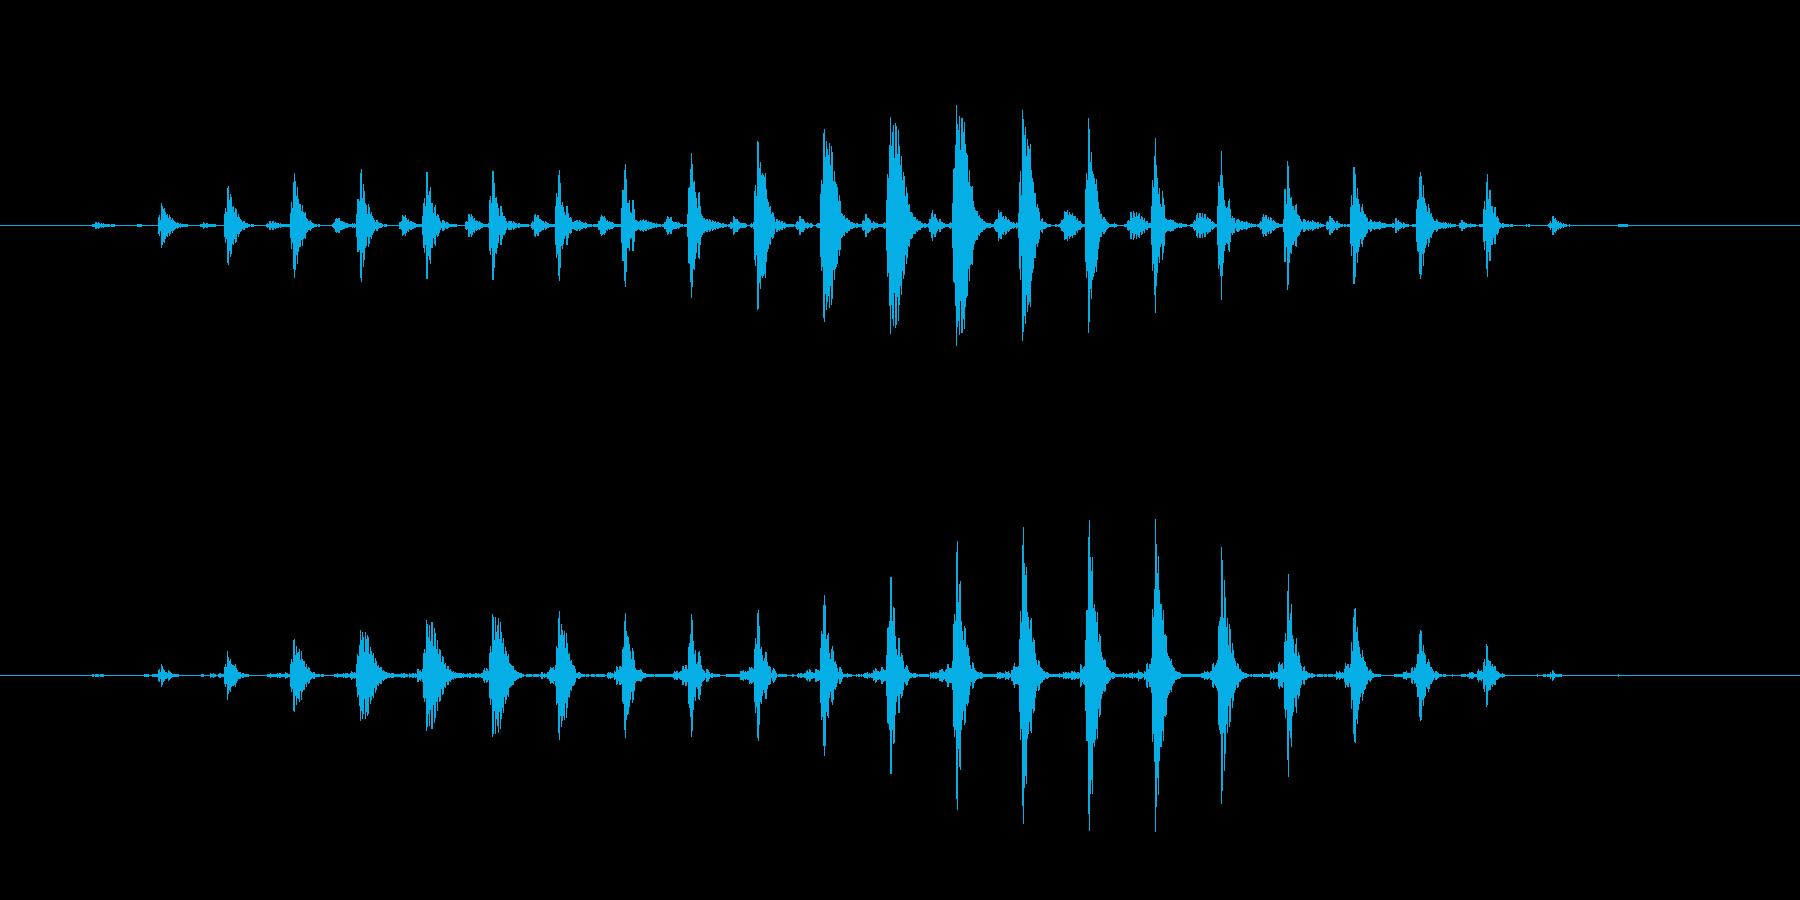 パワーダウン効果音 おかしな音 楽しい音の再生済みの波形